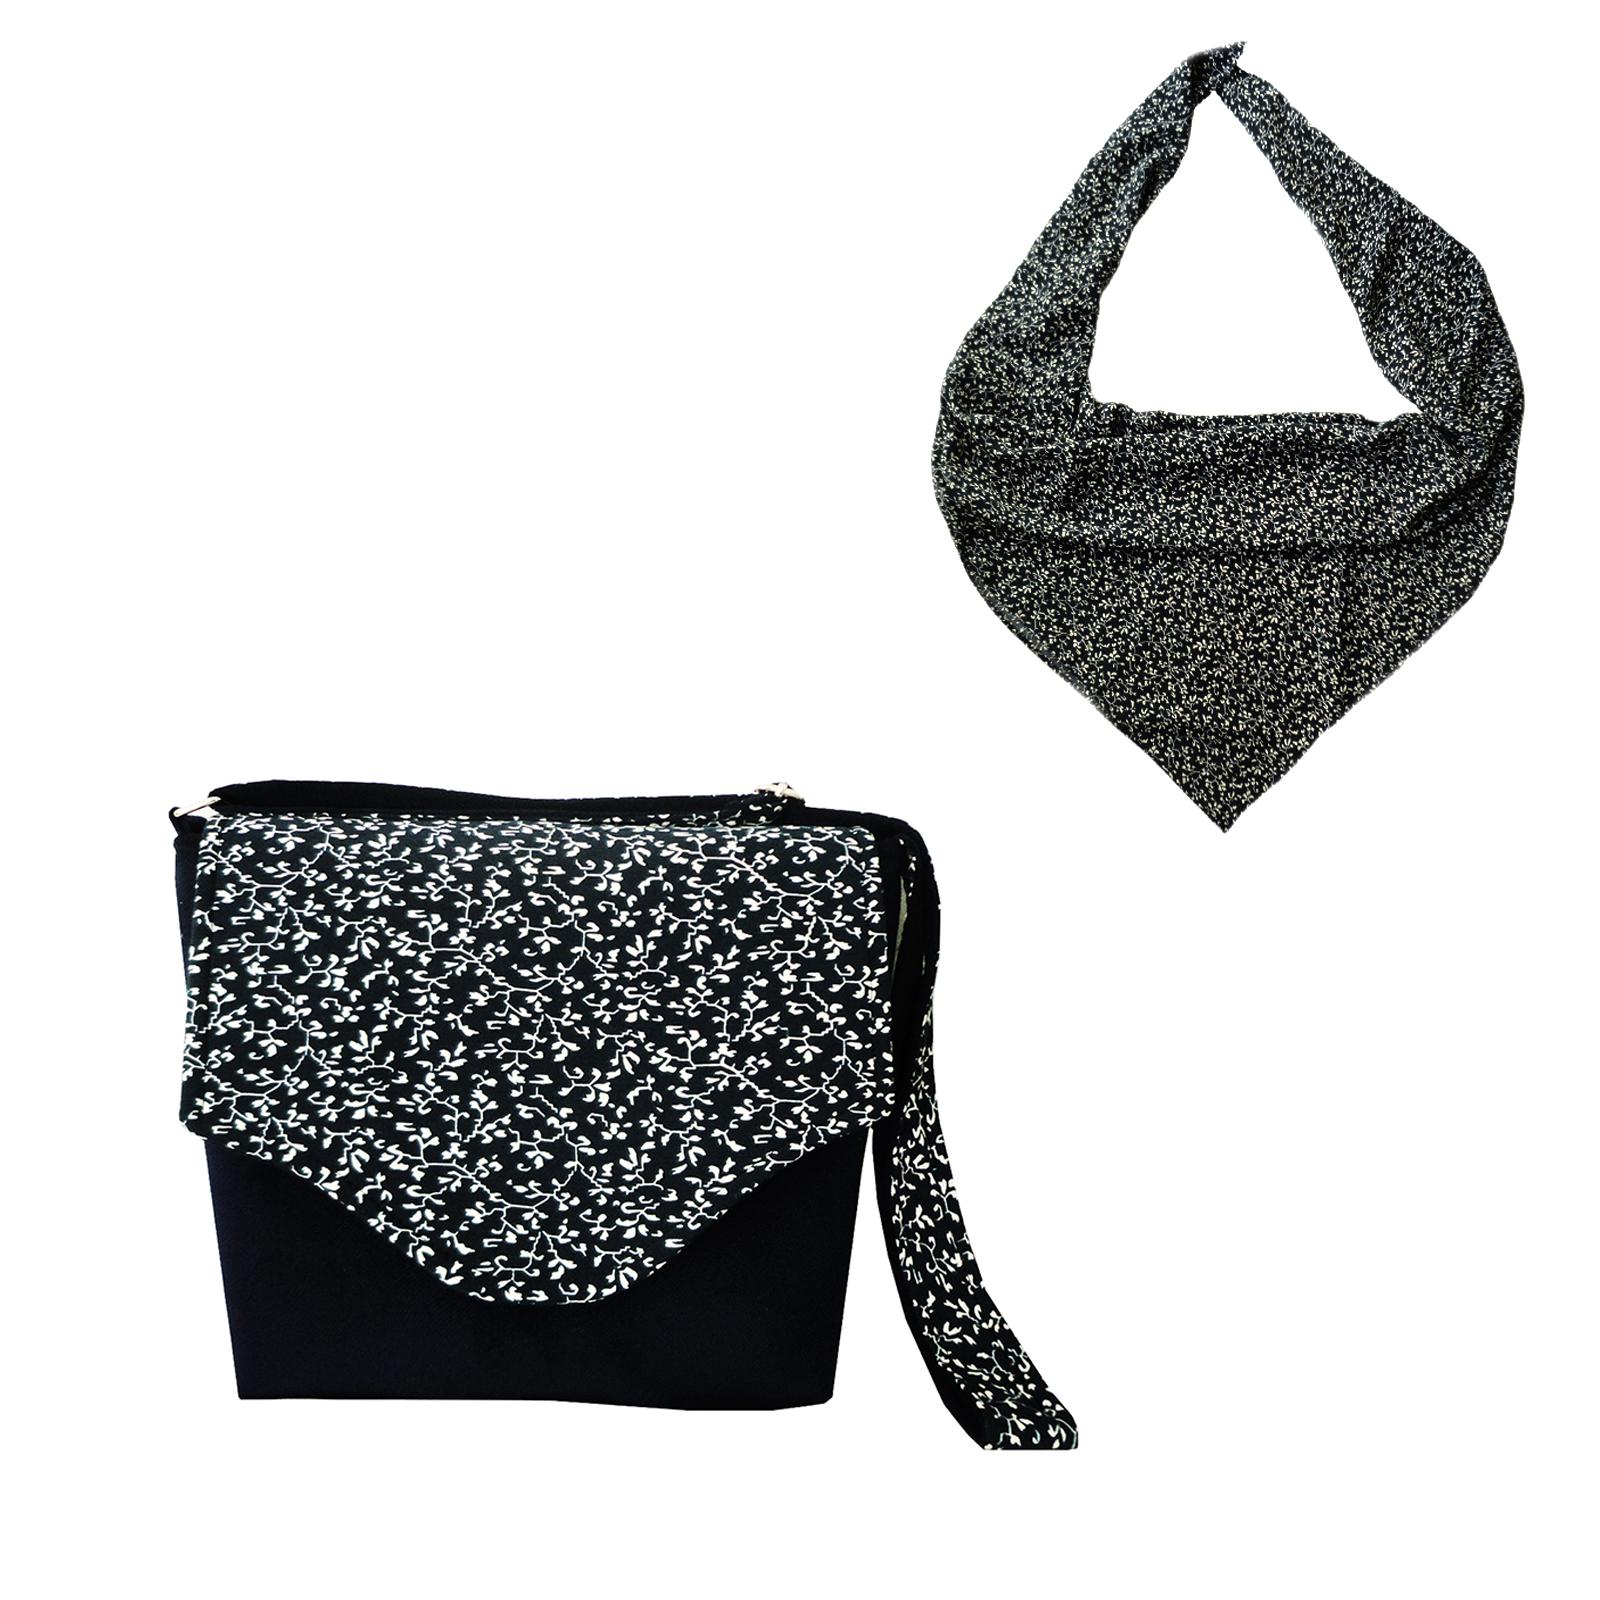 ست کیف و روسری زنانه مدل 268